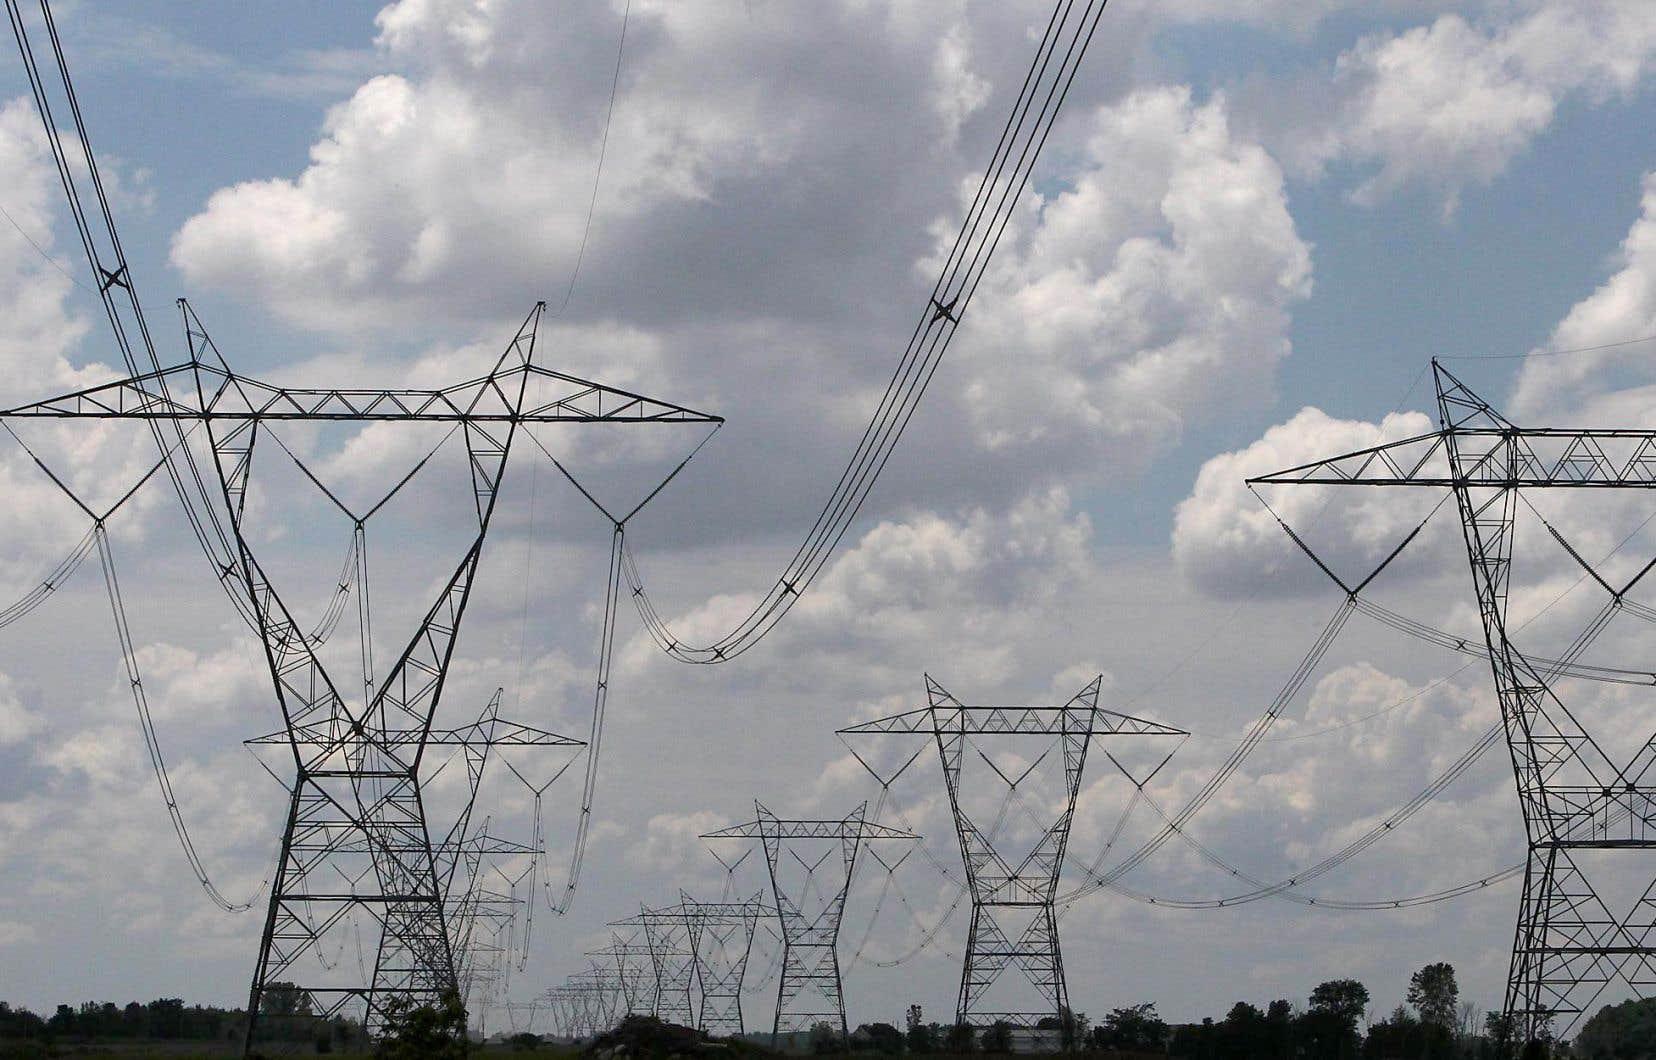 Le gouvernement du Québec espère accélérer l'électrification des transports. Il juge également nécessaire de rehausser l'efficacité énergétique des bâtiments.